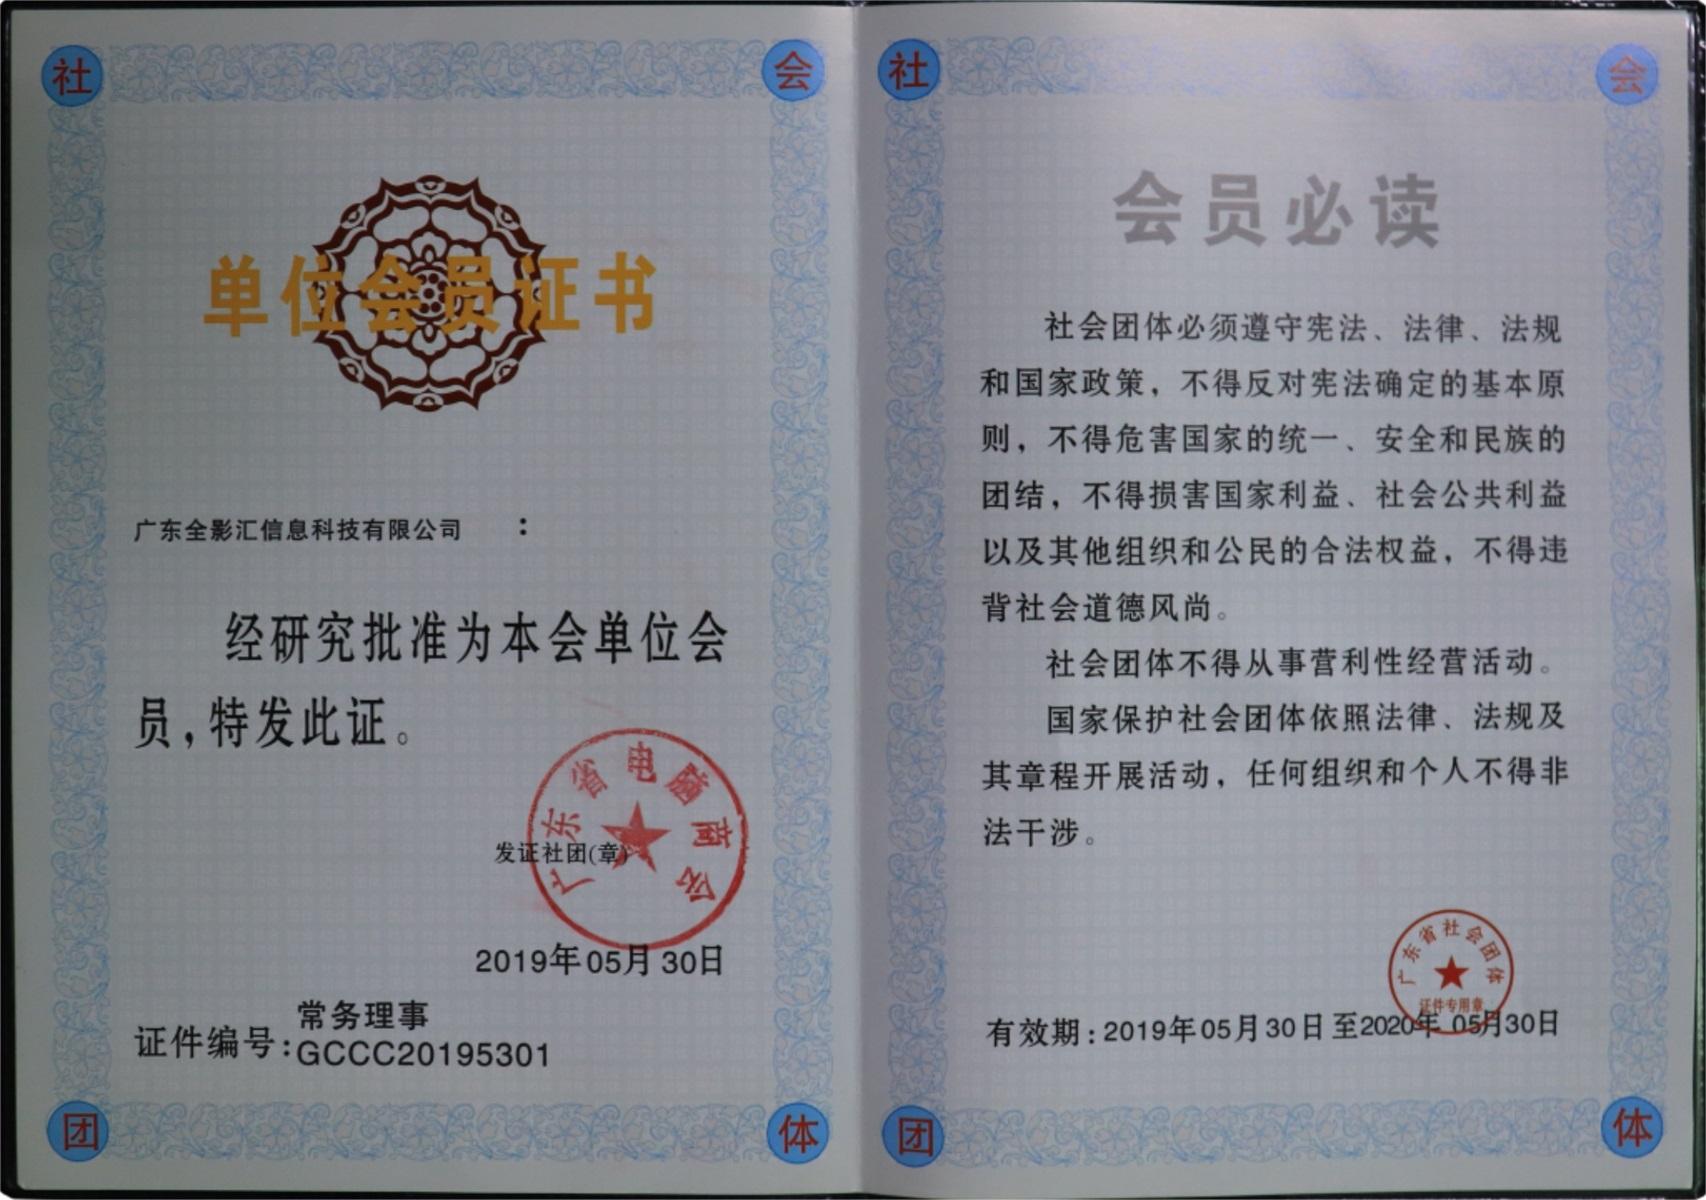 广东省电脑商会-单位会员-2019年5月30日